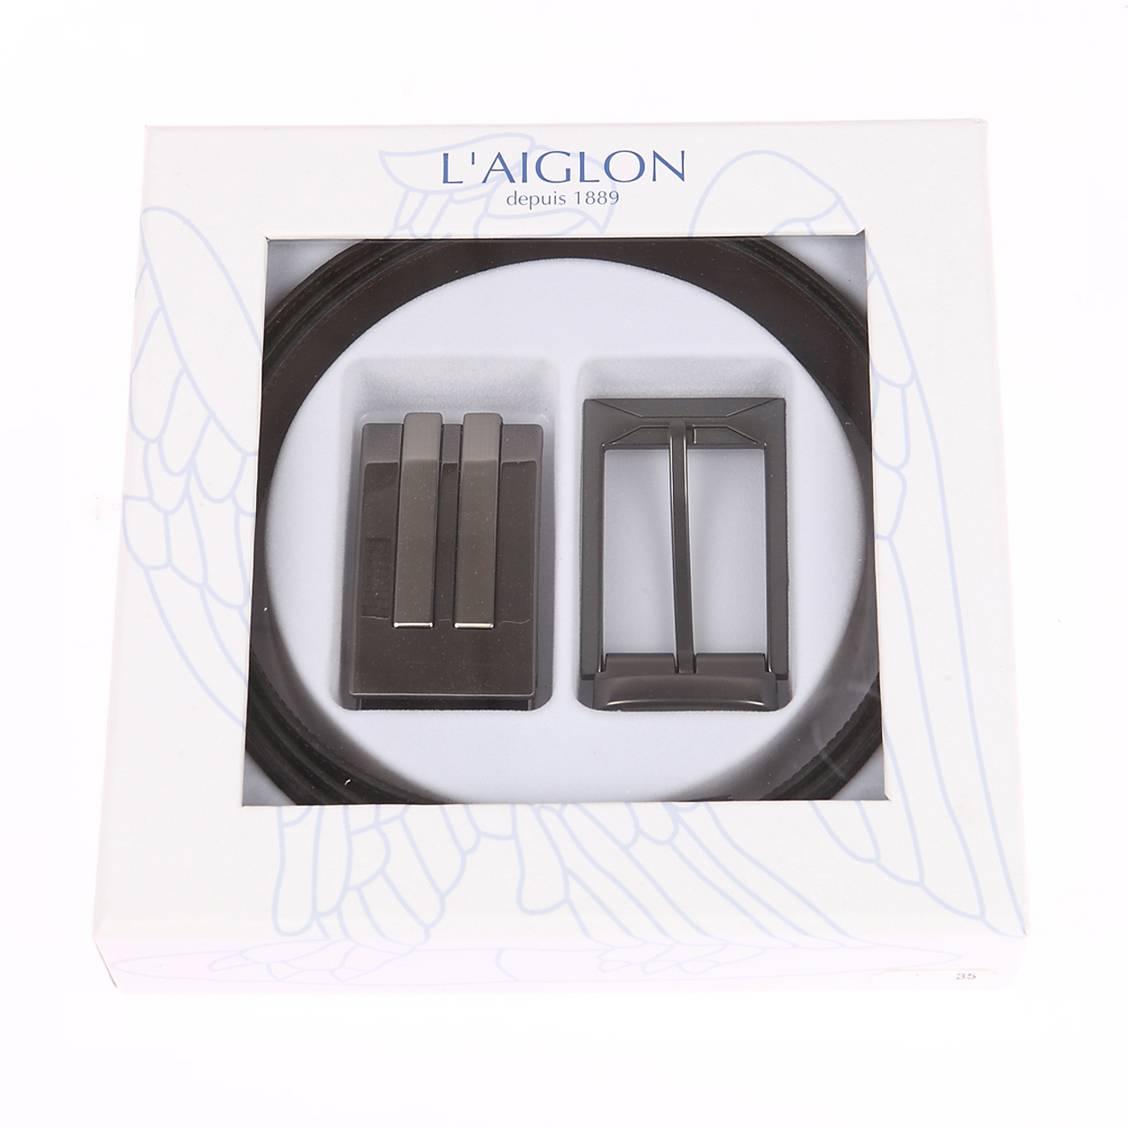 Coffret cadeau L'aiglon Made in France : ceinture ajustable noire réversible marron à boucle pleine argentée et boucle à ardillon rectangulaire